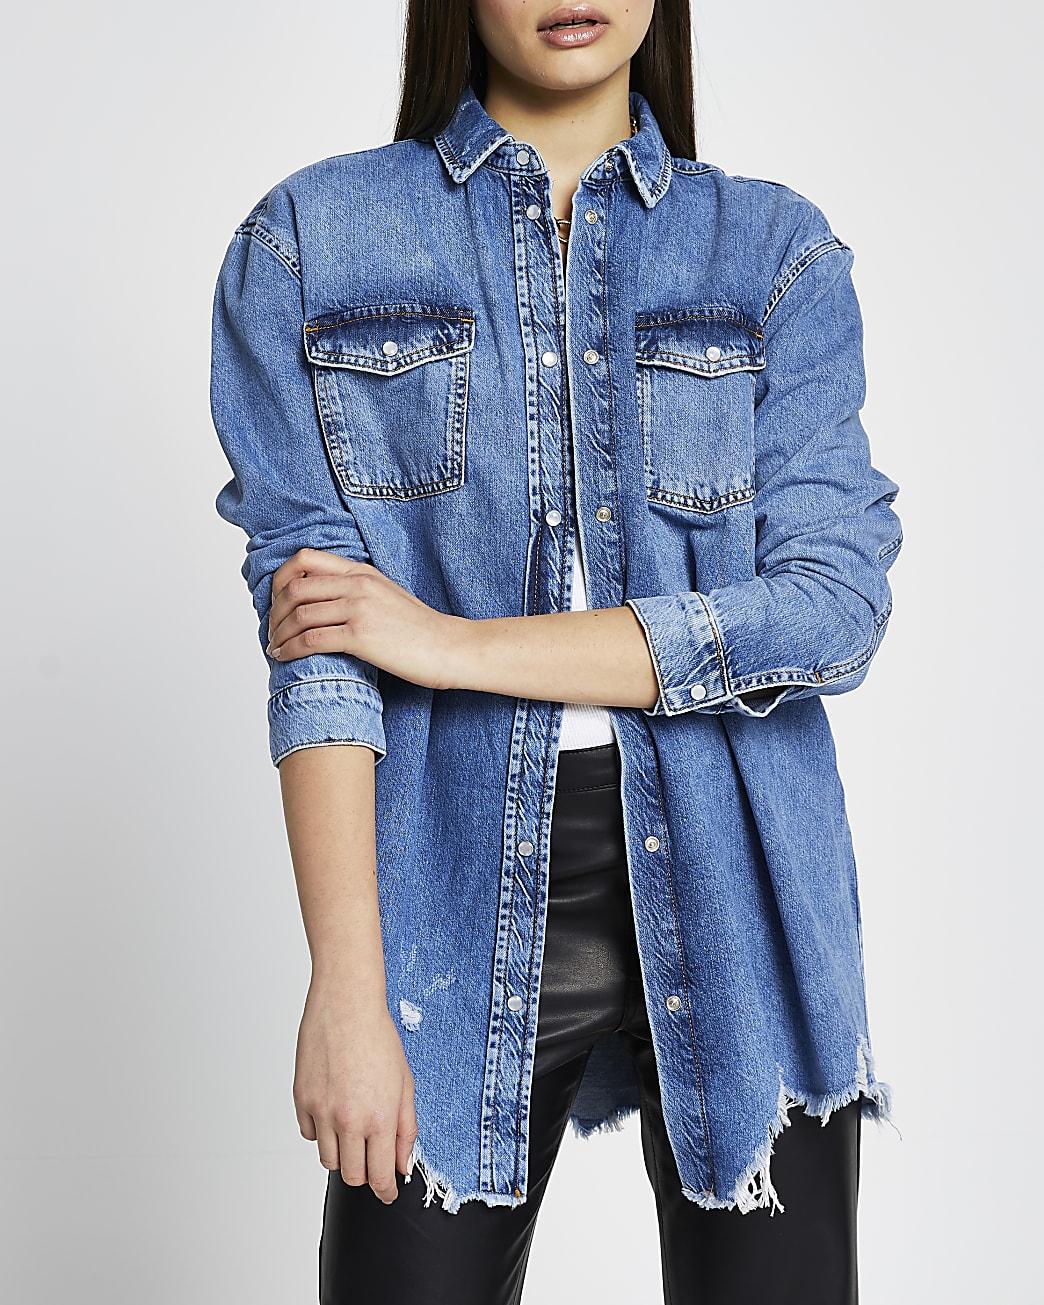 Blue long sleeve oversized frayed denim shirt